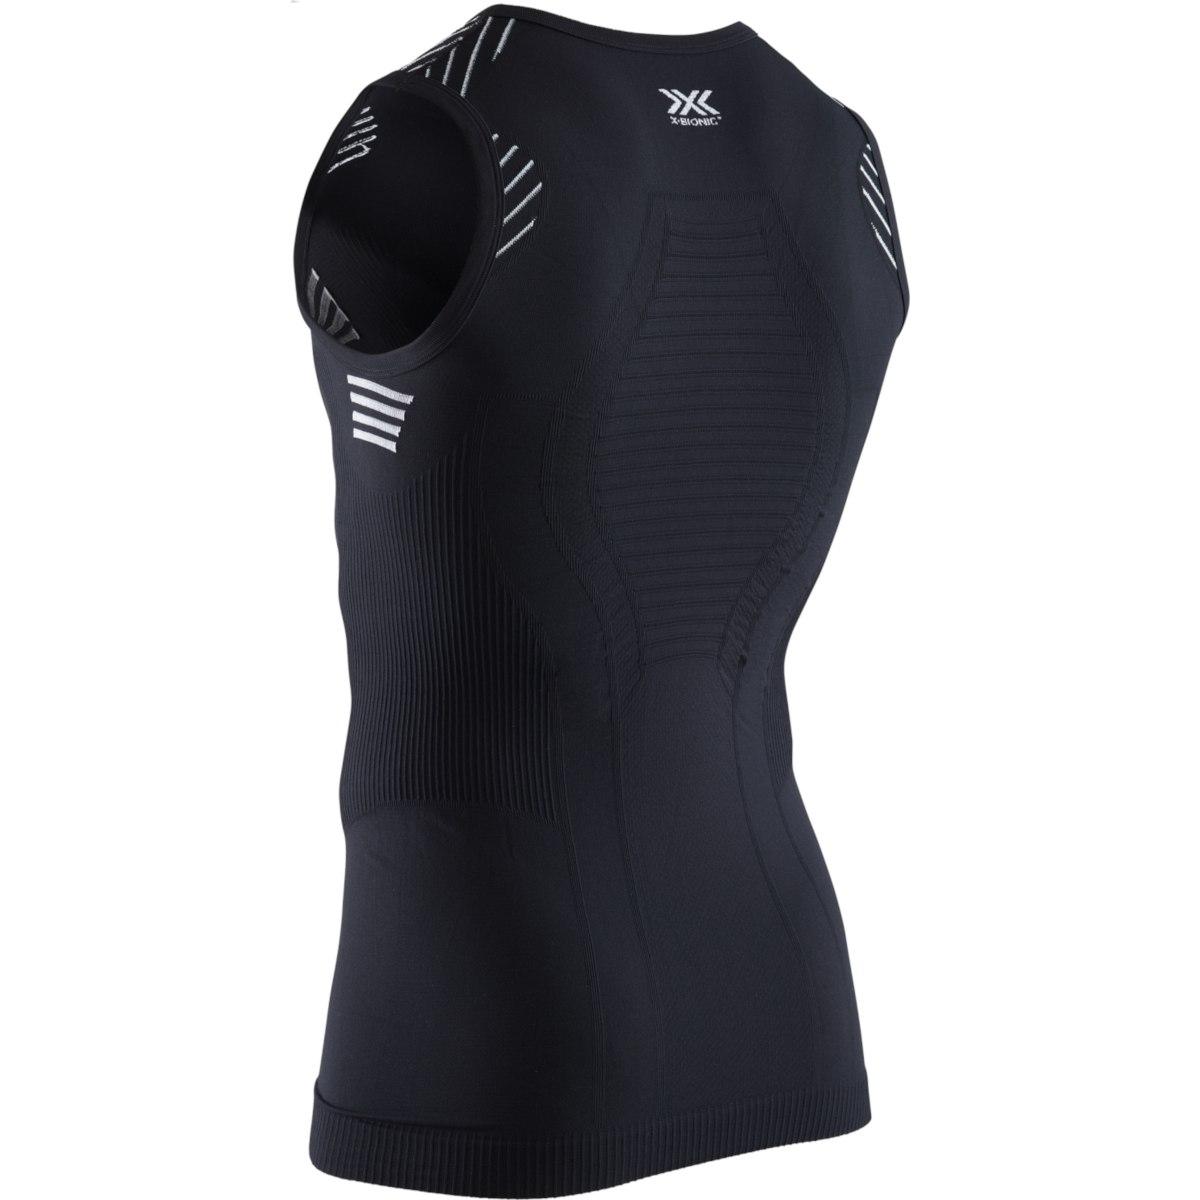 Bild von X-Bionic Invent 4.0 LT Singlet Unterhemd für Herren - opal black/arctic white